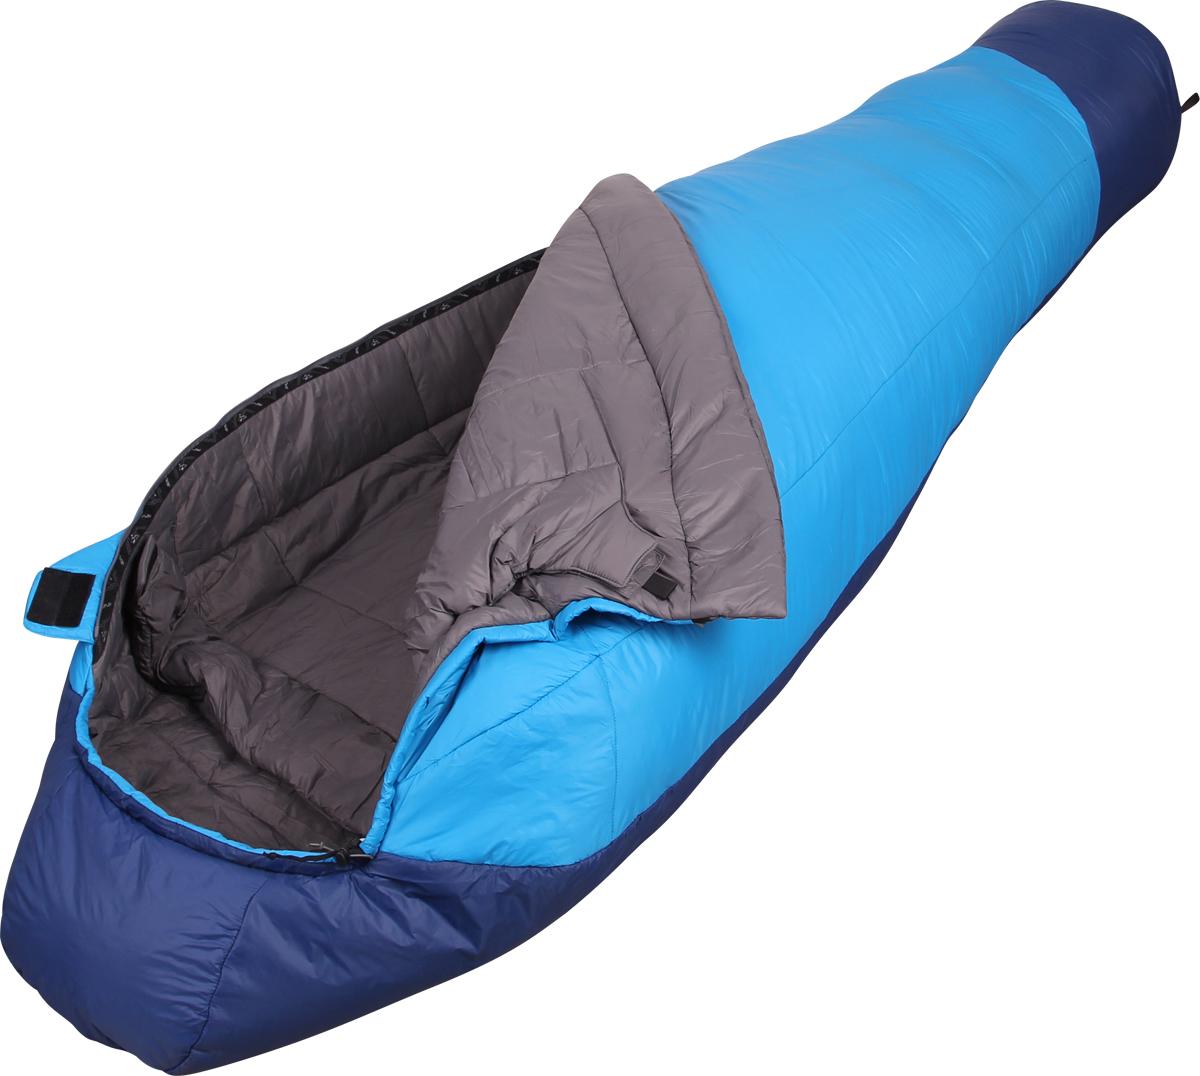 Мешок спальный Сплав Fantasy 233, правосторонняя молния, цвет: голубой, 240 x 90 x 60 см4504962Сплав Fantasy 233 - теплый комфортный спальный мешок.Тип конструкции: кокон.Внутренний кармашек на молнии.Карман под подушку.Удобный кармашек для шнура шейного пакета.Молния - разъемная, двухсторонняя.Молния боковая, смещенная к верхней части спальника.Выпускаются модификации с правой и левой молнией.Утепленный шейный пакет без холодных швов.Утепленная защитная подпланка молнии.Петли для просушки.Возможность использования внутреннего вкладыша для продления срока службы спального мешка.Упаковка: компрессионный мешок в комплекте.Для точного подбора удобного спальника рекомендуем при покупке спальные мешки примерять.Внимание! длительное хранение в сжатом виде не рекомендуется.Температурный режим:Комфорт: +3… -2° С.Экстрим: -18° С.Спальный мешок имеет международный сертификат EN 13537 .Габариты и вес:Размеры: 240 х 90 х 60 см (рост до 205 см).Полный вес: 1,63 кг.Минимальный вес: 1,56 кг.Размеры в упакованном виде: диаметр 24 х 45/35 см.Материалы:Внешняя ткань: Nylon 6.6 R/S 20D Down Proof Hight Density Teflon DWR Cire.Вес ткани: 32 г/м2.Дышимость ткани: 0,8 см3/см2/с.Внутренняя ткань: Nylon 20D/370T Down Proof W/R Cire.Утеплитель: Primaloft Silver.Плотность утеплителя : 100+133 г/м2 .